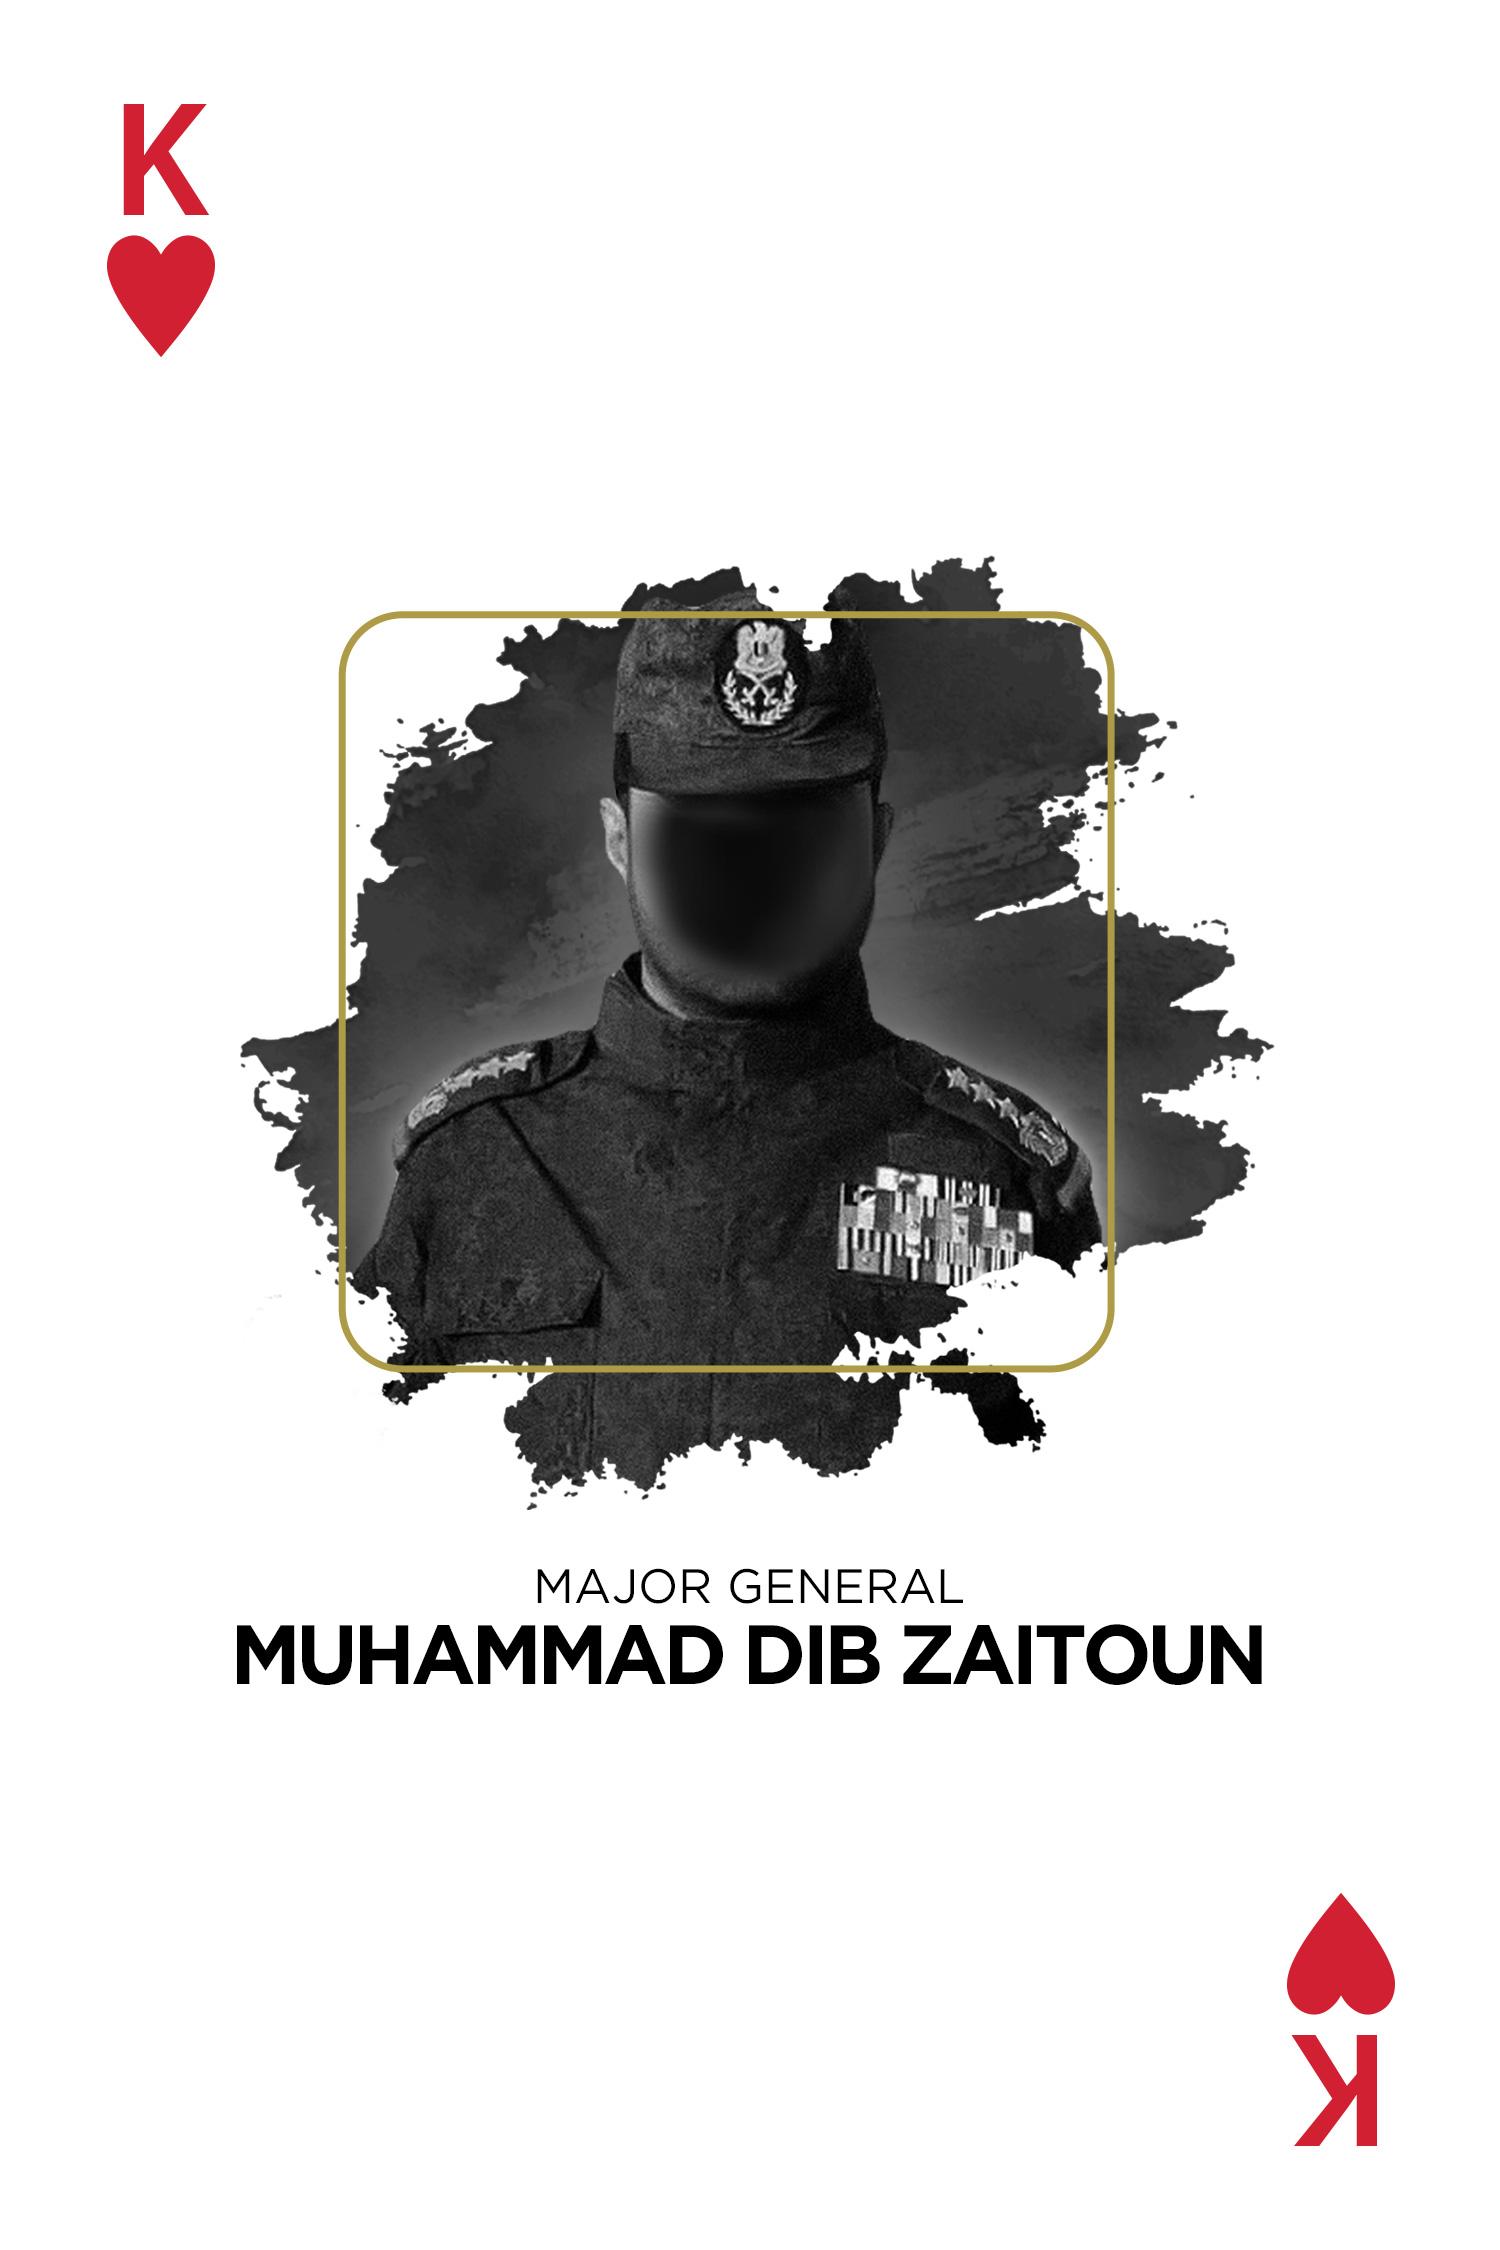 Pro Justice - Muhammad Dib Zaitoun